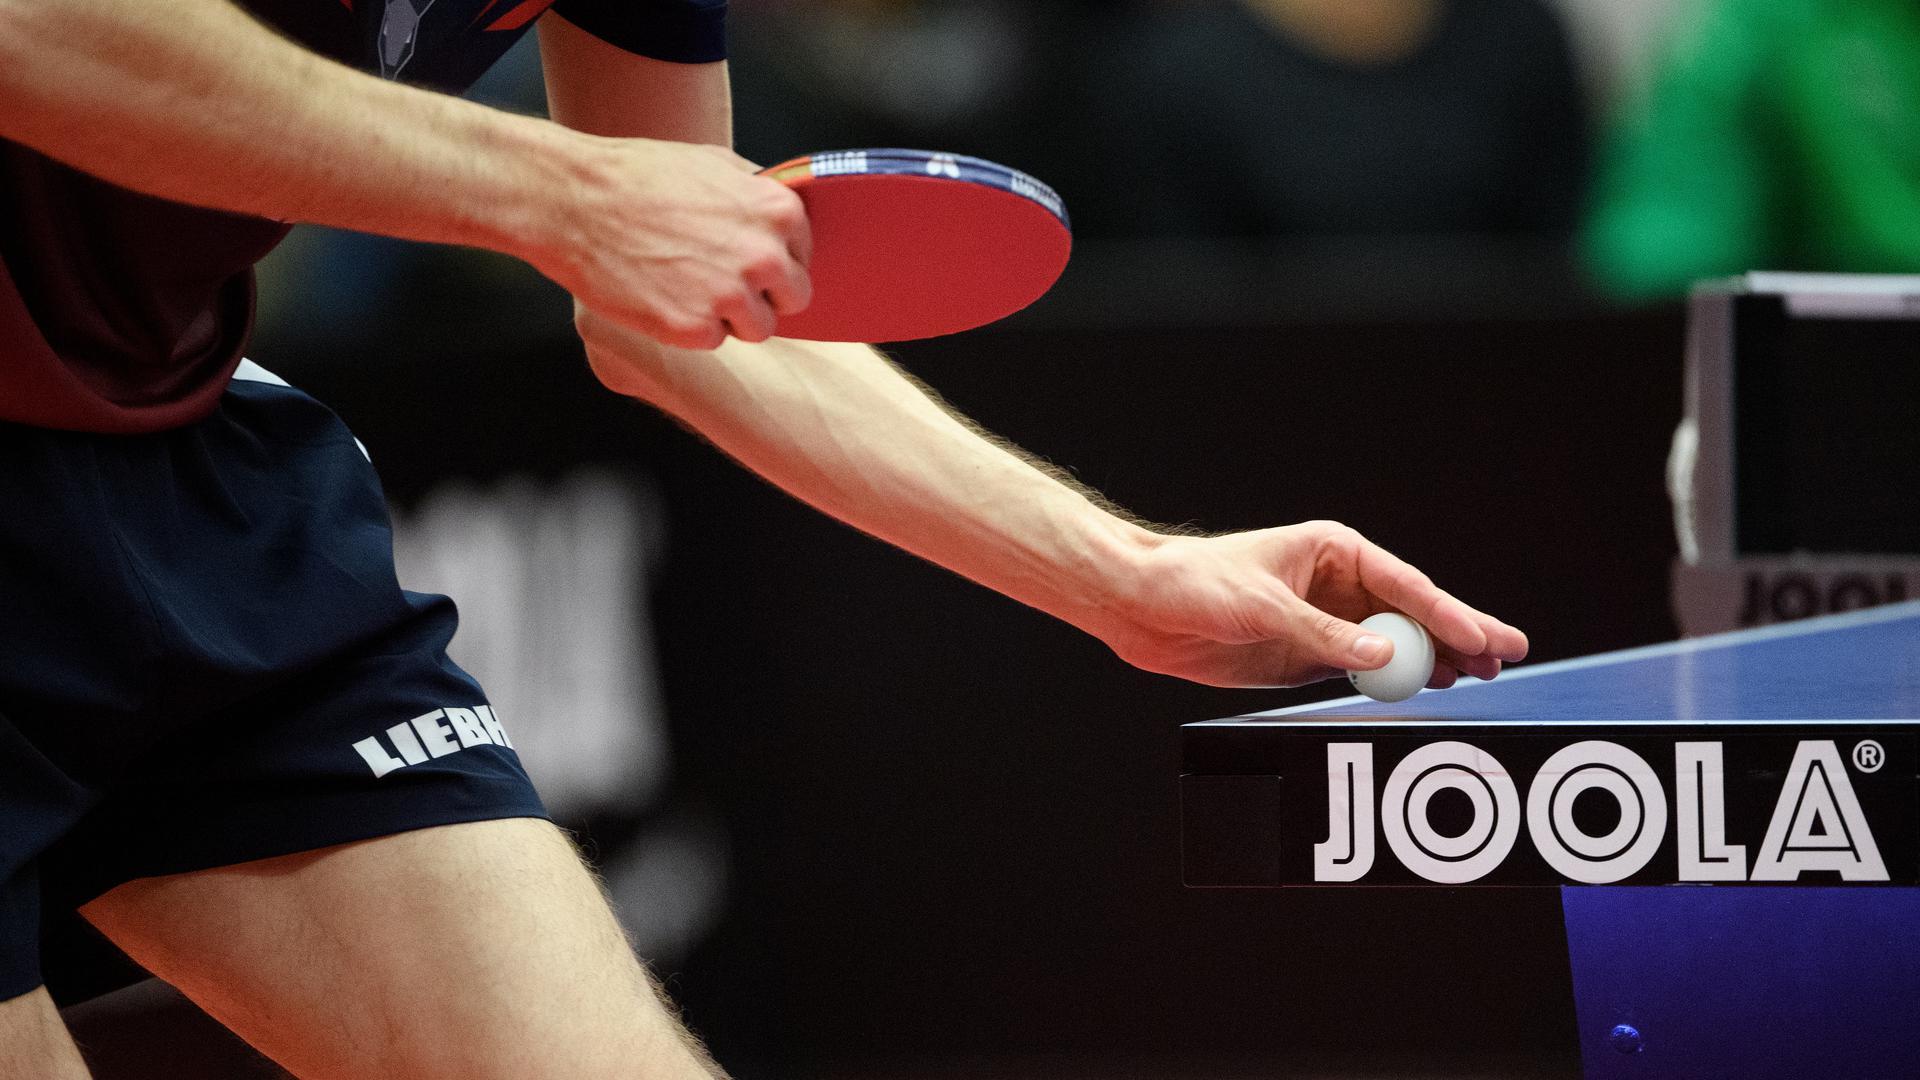 Bereit zur Angabe: Sowohl bei der Tischtennis-Elite als auch bei den Amateuren soll im September die neue Saison starten. Auch in den meisten anderen Sportarten soll es im Herbst weitergehen.